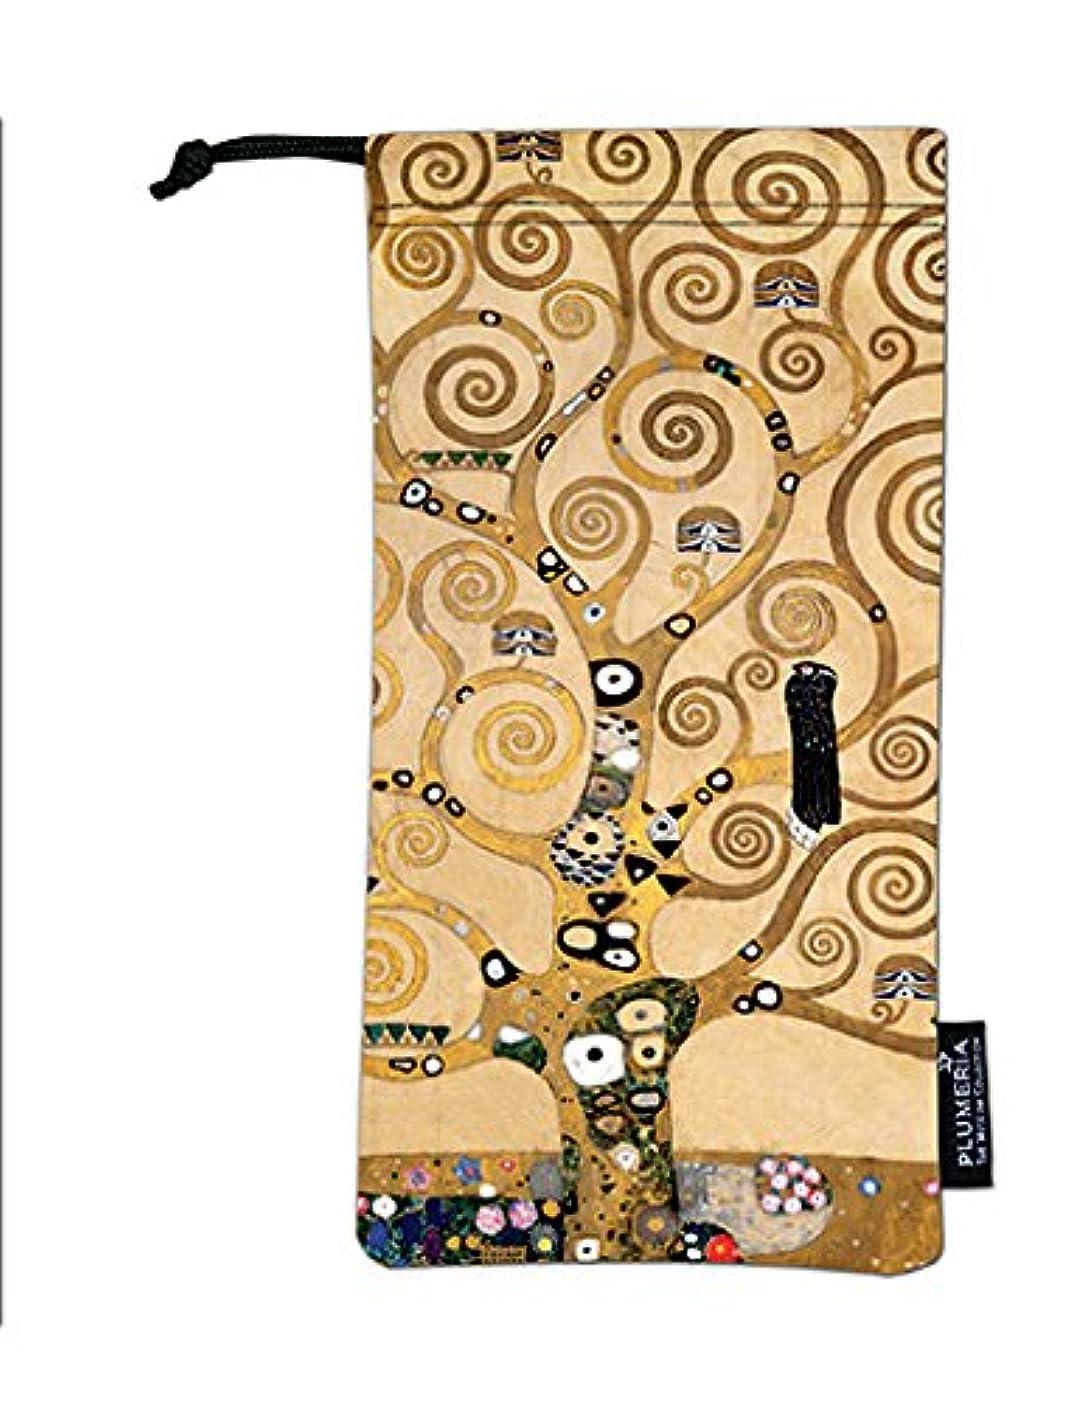 近く燃やす電卓PLUMERIA プルメリア クリムト 生命の樹 巾着袋 ポーチ袋 眼鏡ポーチ メガネポーチ 20204